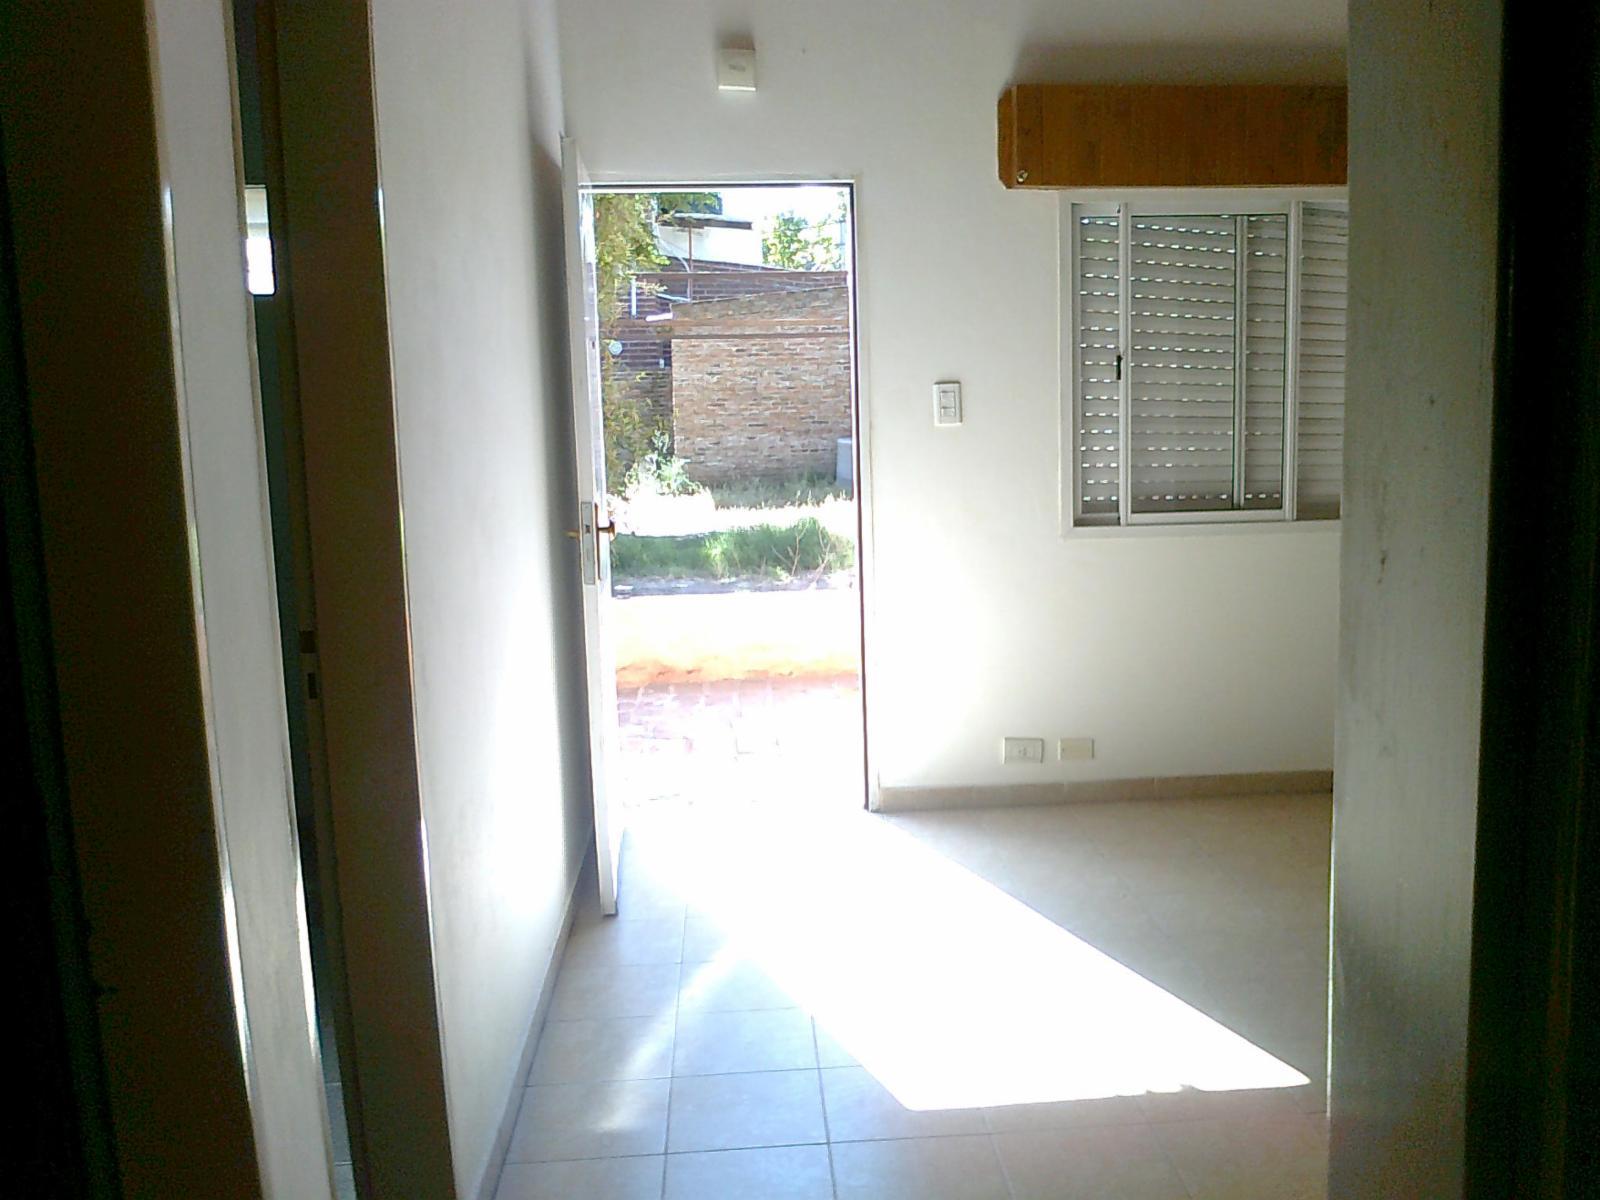 DEPARTAMENTO de un dormitorio sobre calle Alsina, ADBARNI Servicios Inmobiliarios